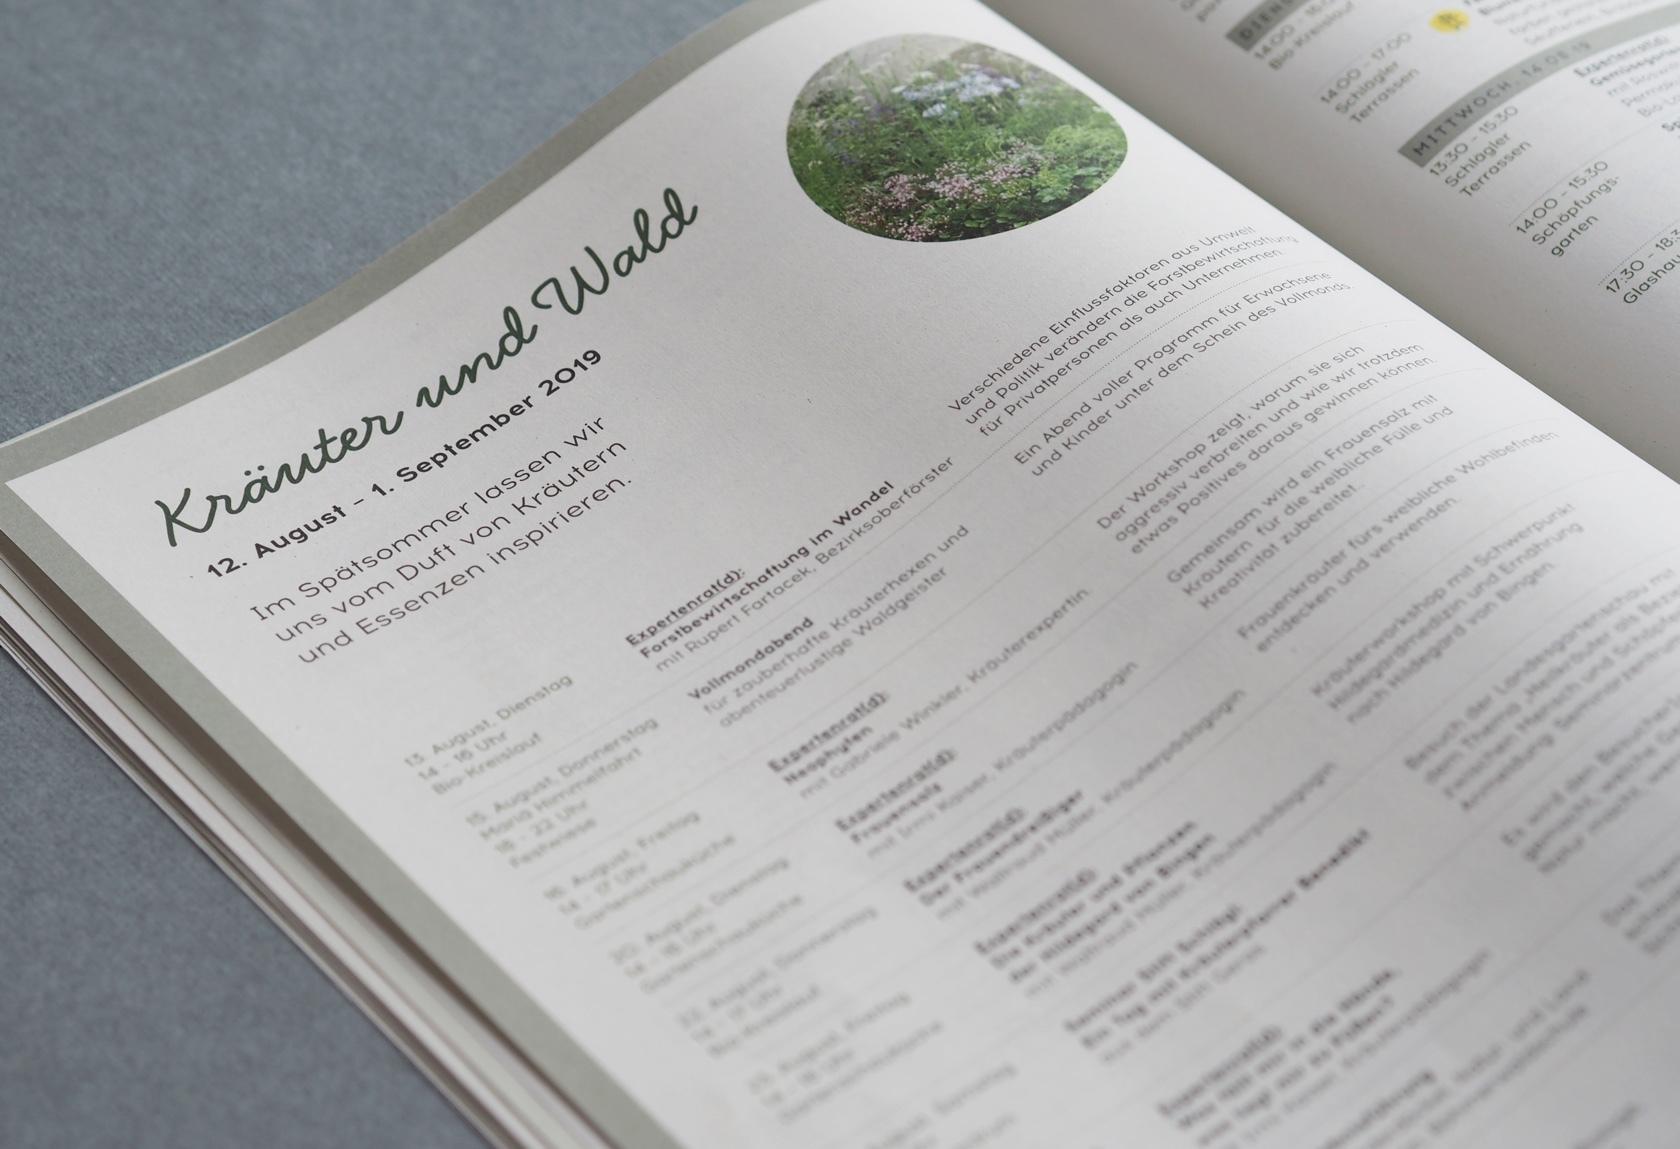 OÖ Landesgartenschau Folder - Inside 02